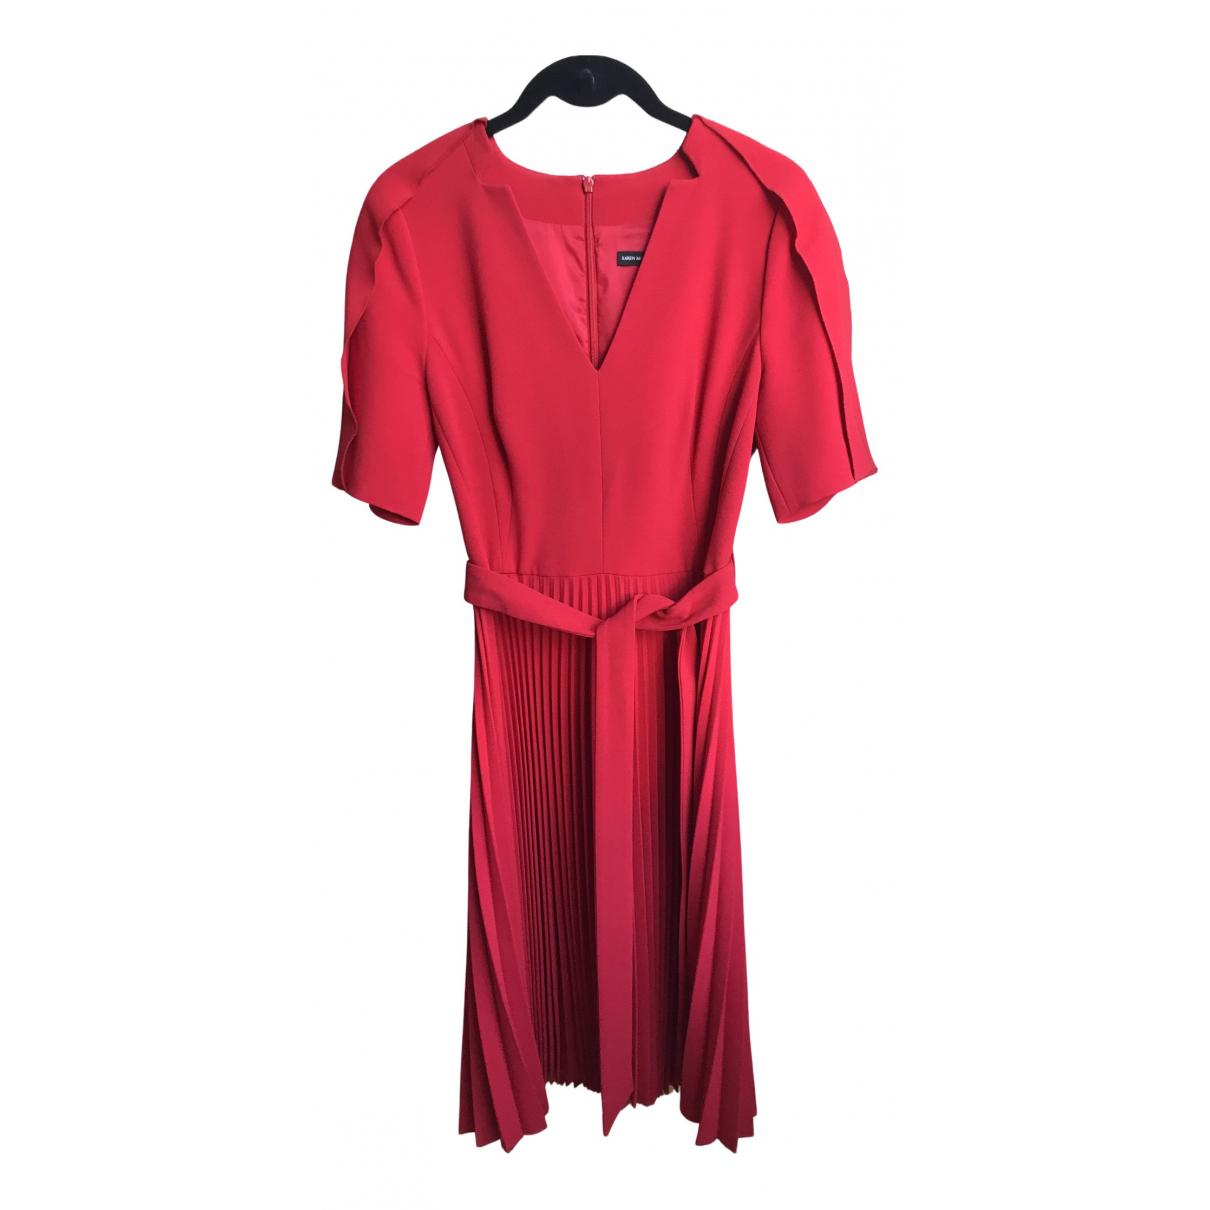 Karen Millen \N Kleid in  Rot Synthetik